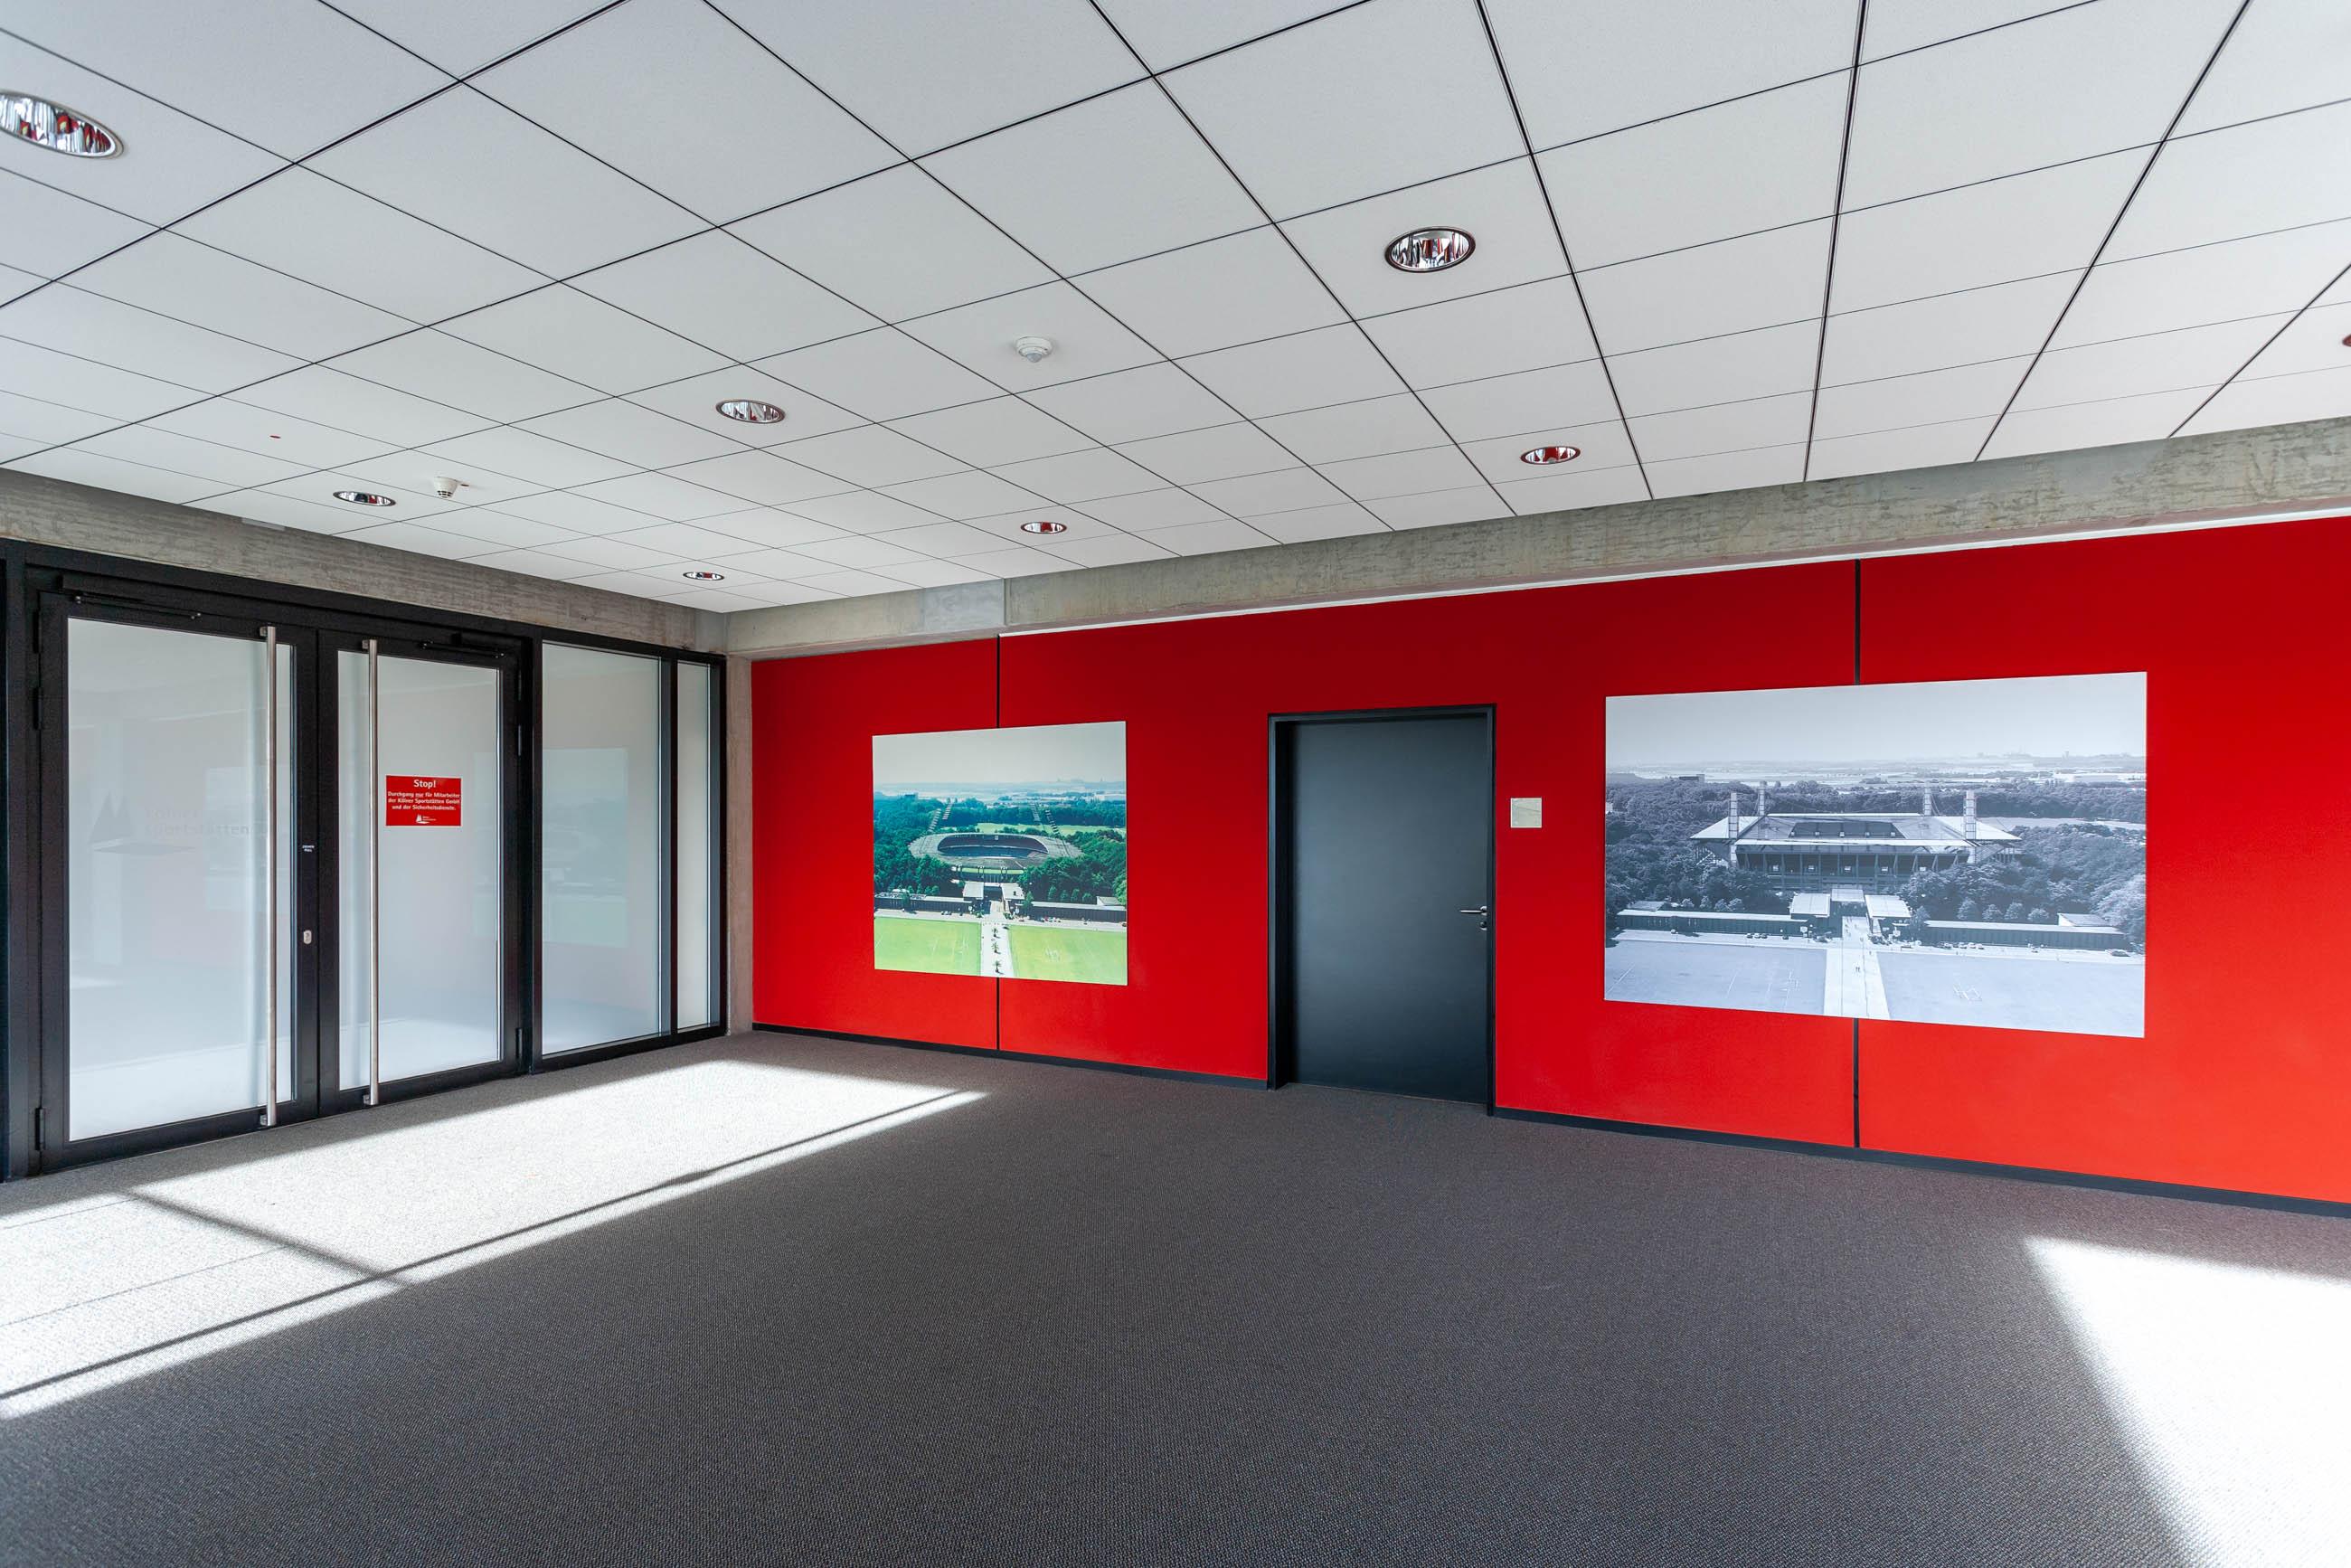 DER FOTOGRAF SVEN VOGEL FOTOGRAFIERTE DIE INNENRÄUME DES STADIONS DER KÖLNER SPORTSTÄTTEN GMBH KÖLN STADION ARCHITEKTUR RÄUME ROTWEISS 1.FC KÖLN FOTOGRAF SVEN VOGEL FOTOGRAFIE PHOTOGRAPH SVEN VOGEL